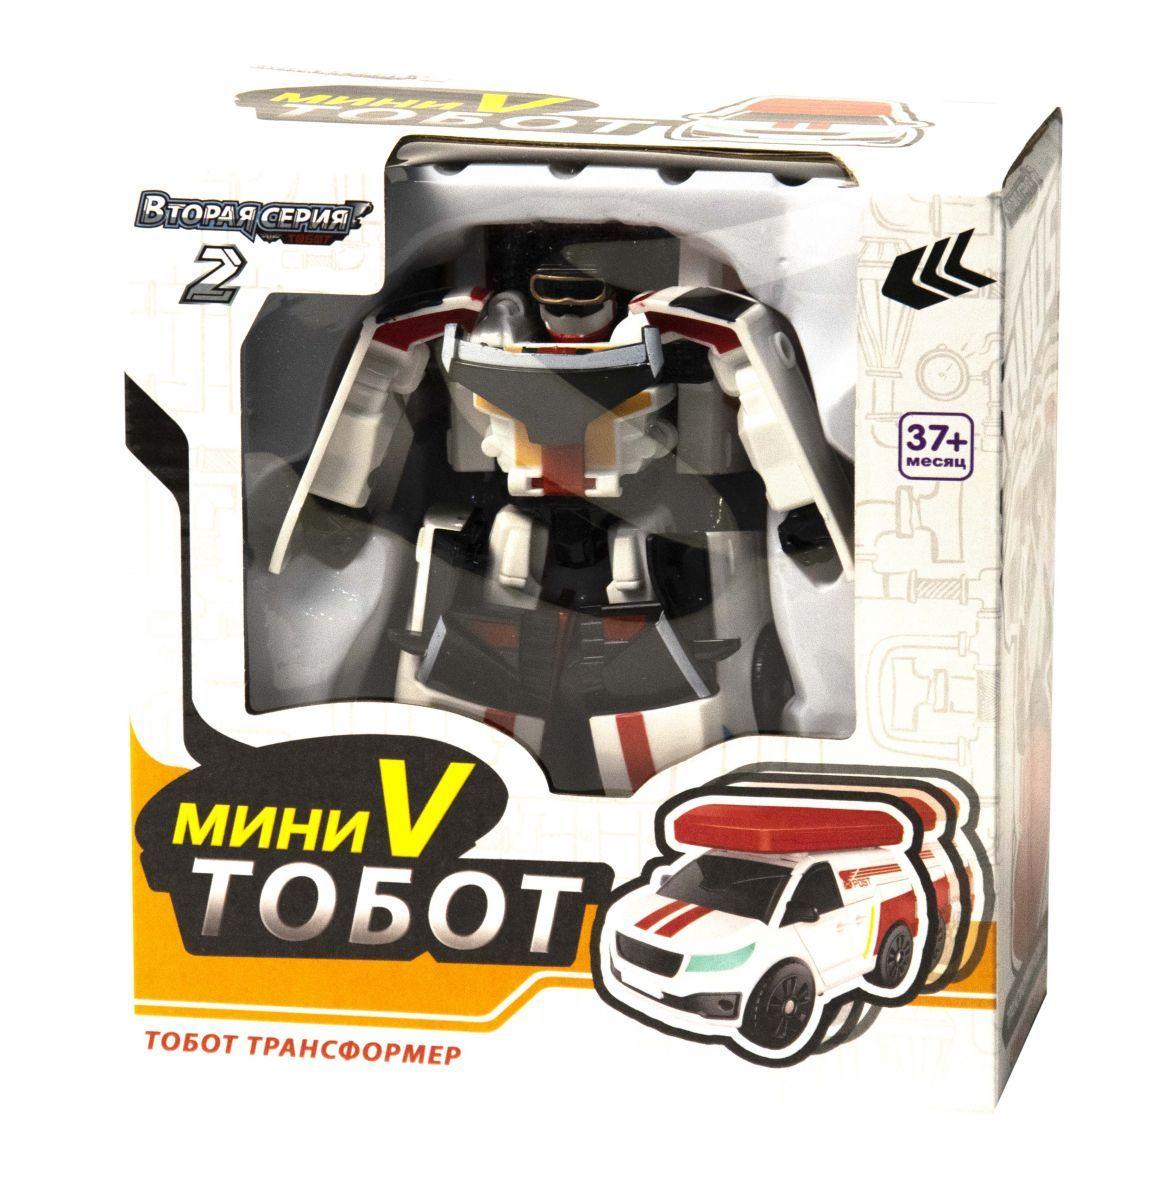 Трансформер Тобот V мини Tobot mini V